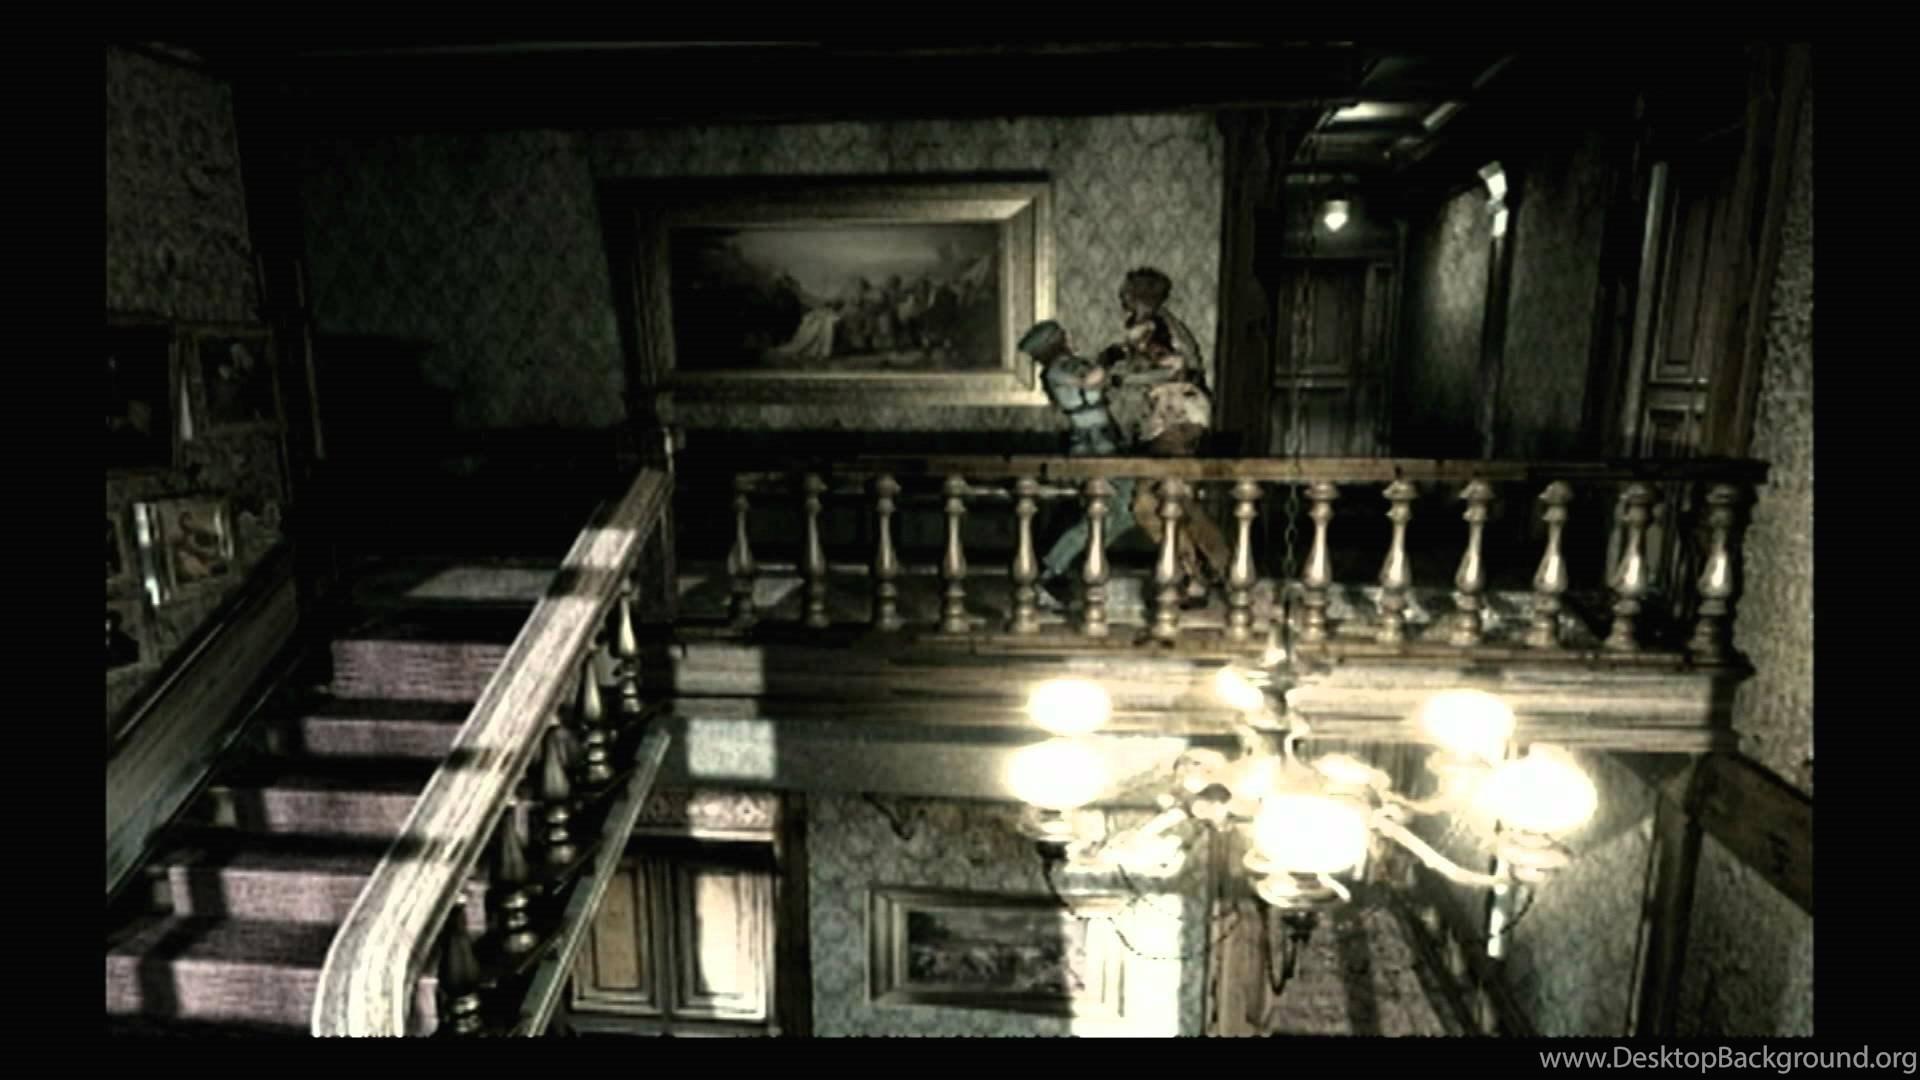 Cgrundertow Resident Evil For Nintendo Gamecube Video Game Desktop Background